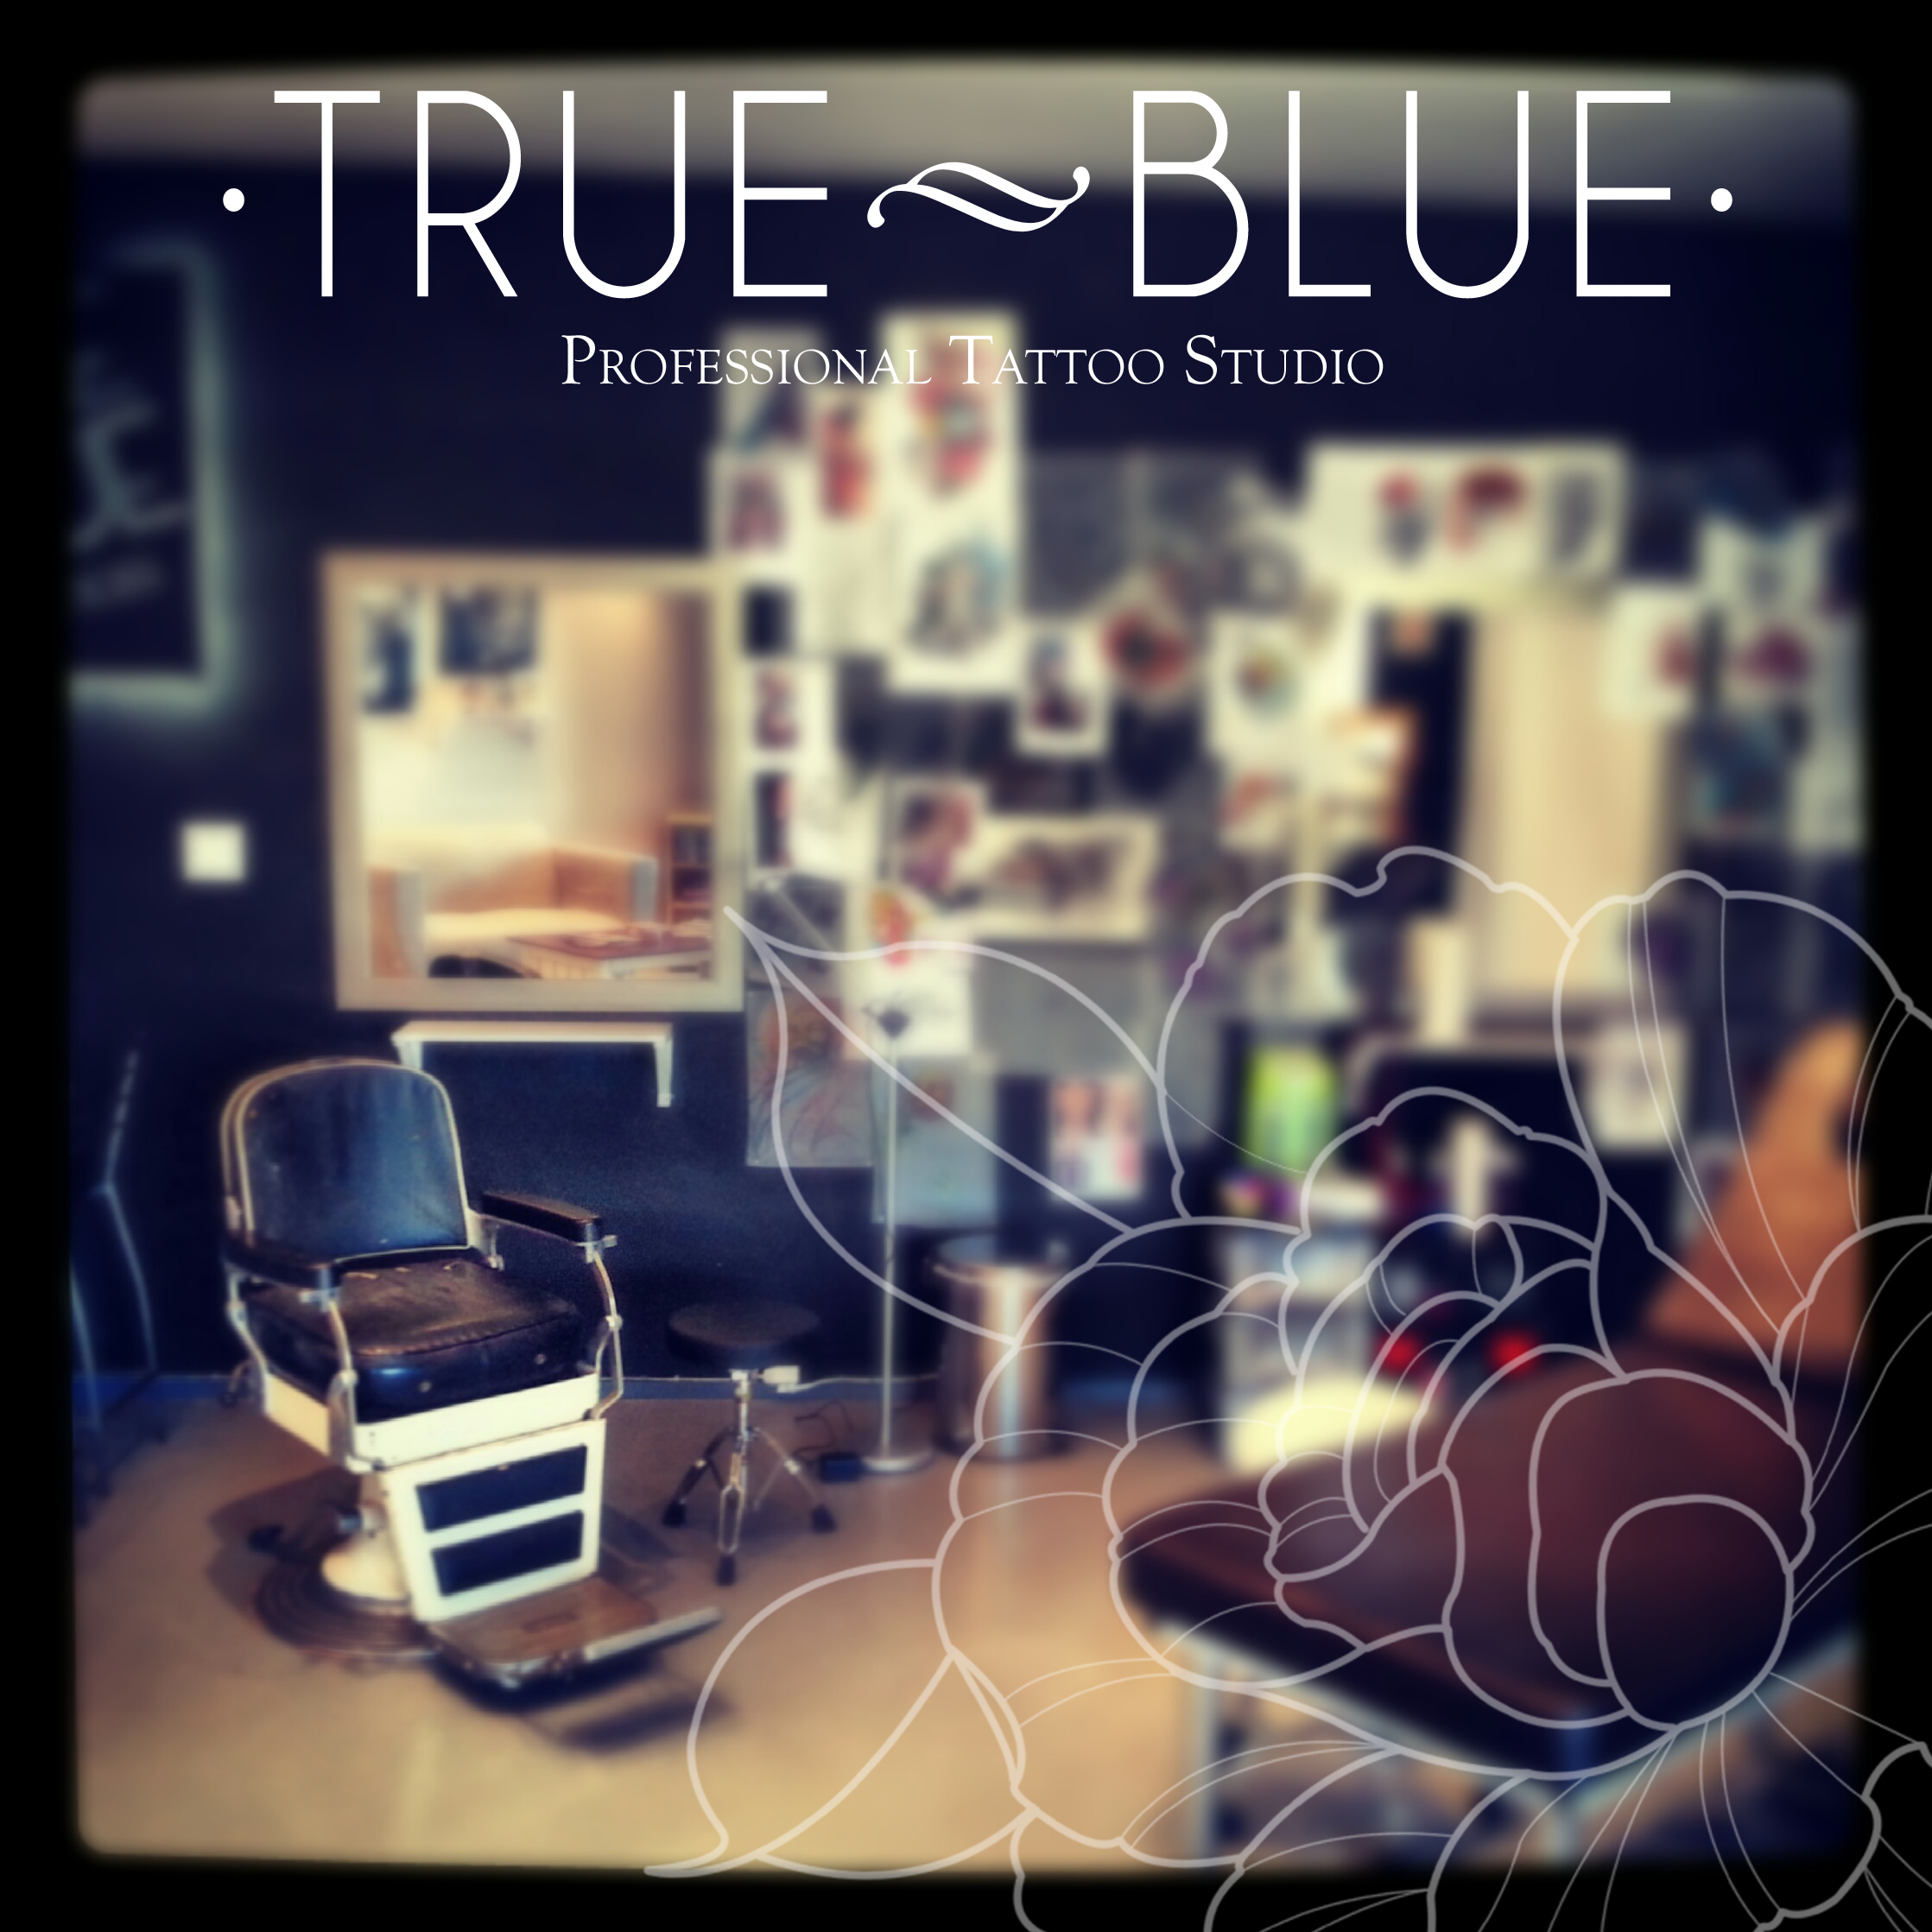 True Blue Tattoo